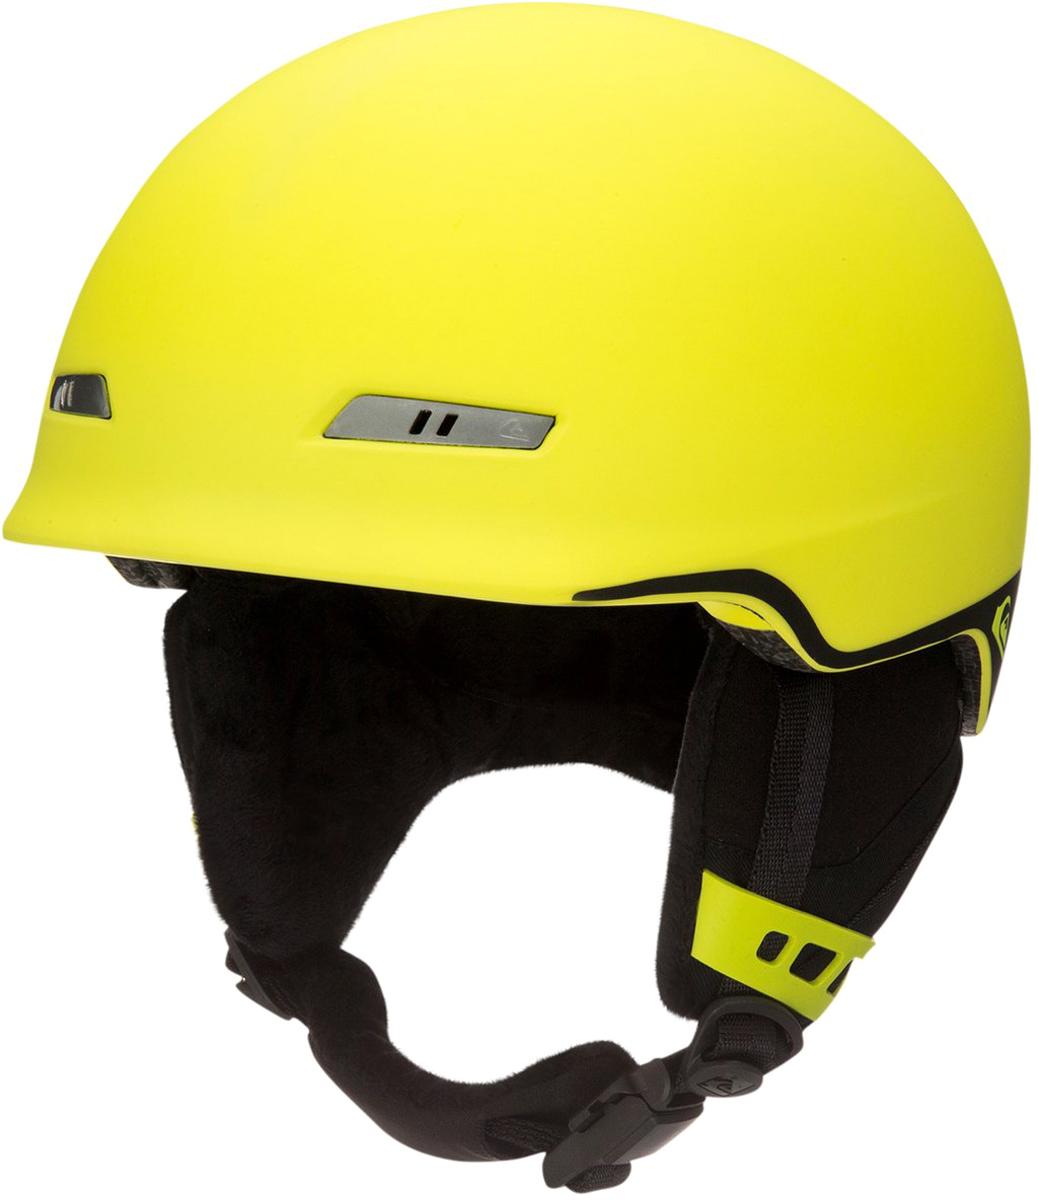 Шлем для горных лыж и сноуборда мужской  Quiksilver . EQYTL03017-GGP0. Размер M (54-56) - Защита